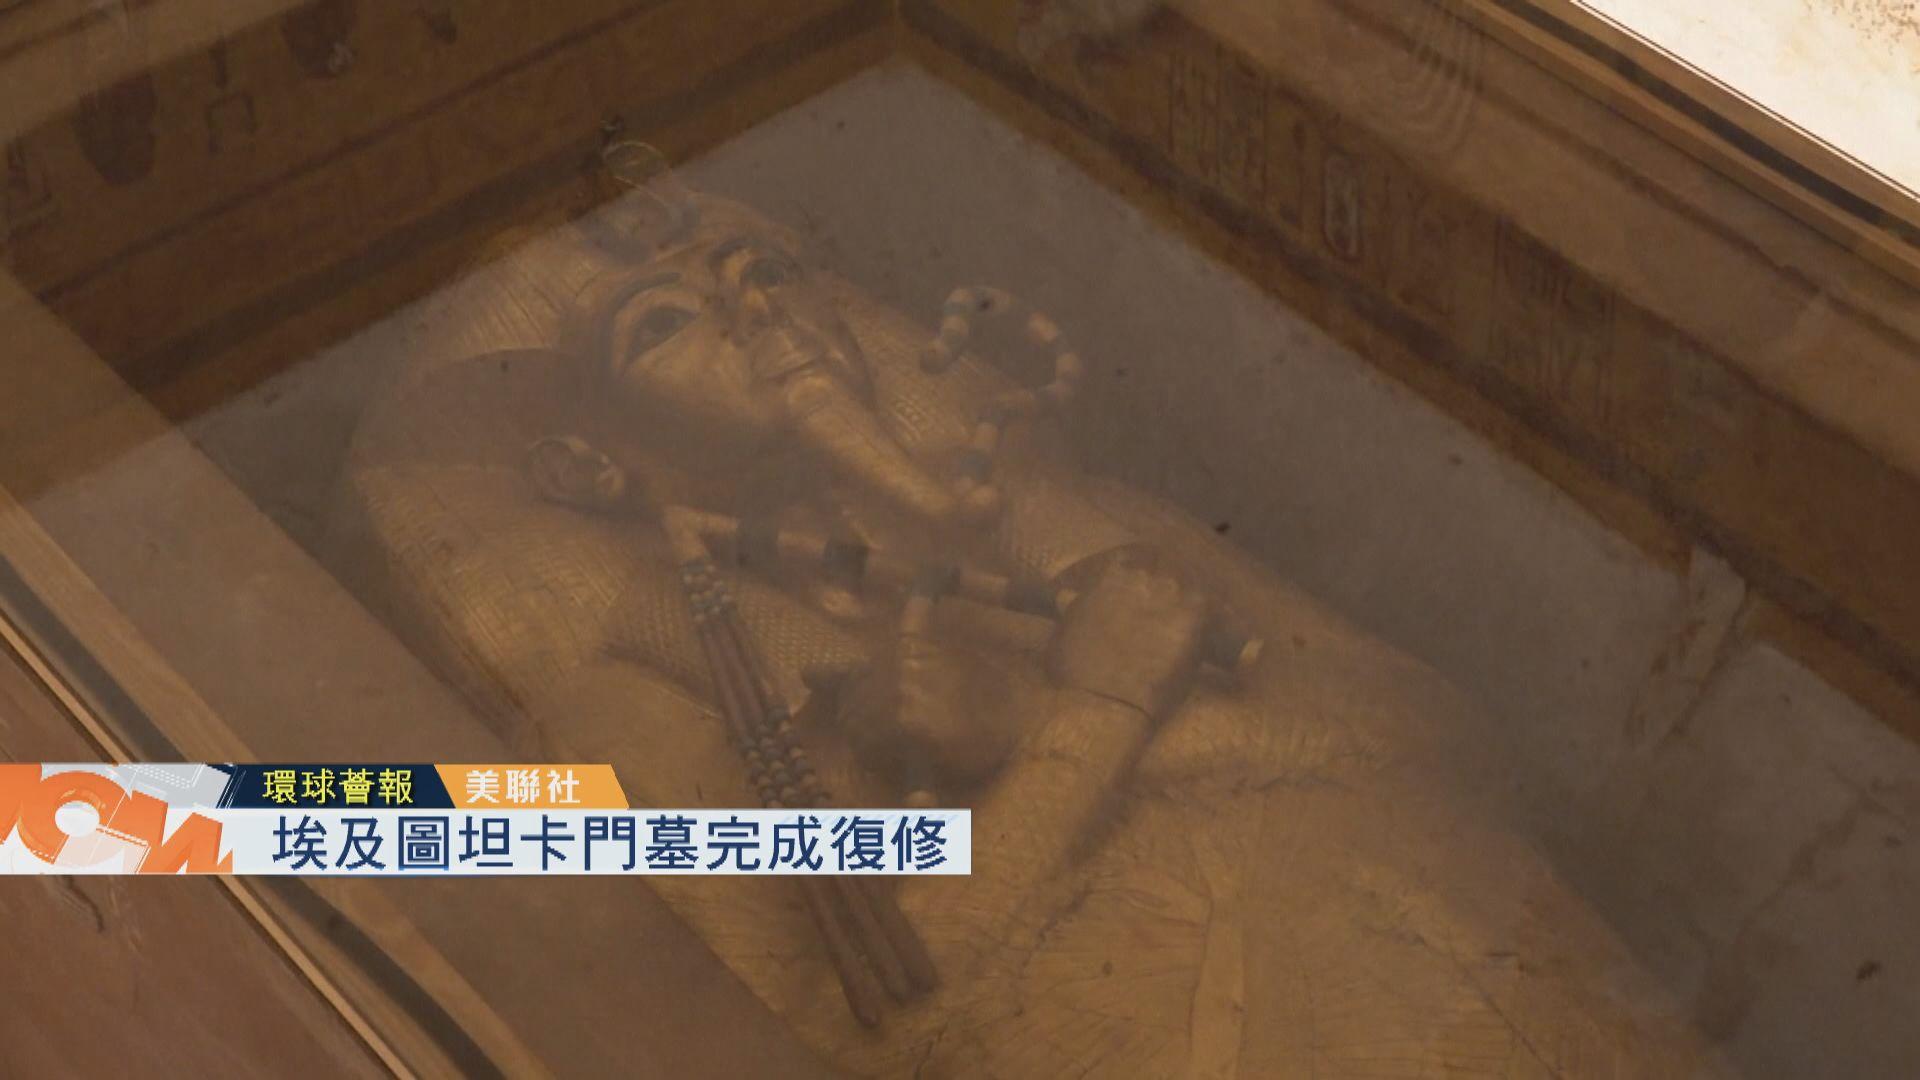 【環球薈報】埃及圖坦卡門墓完成復修